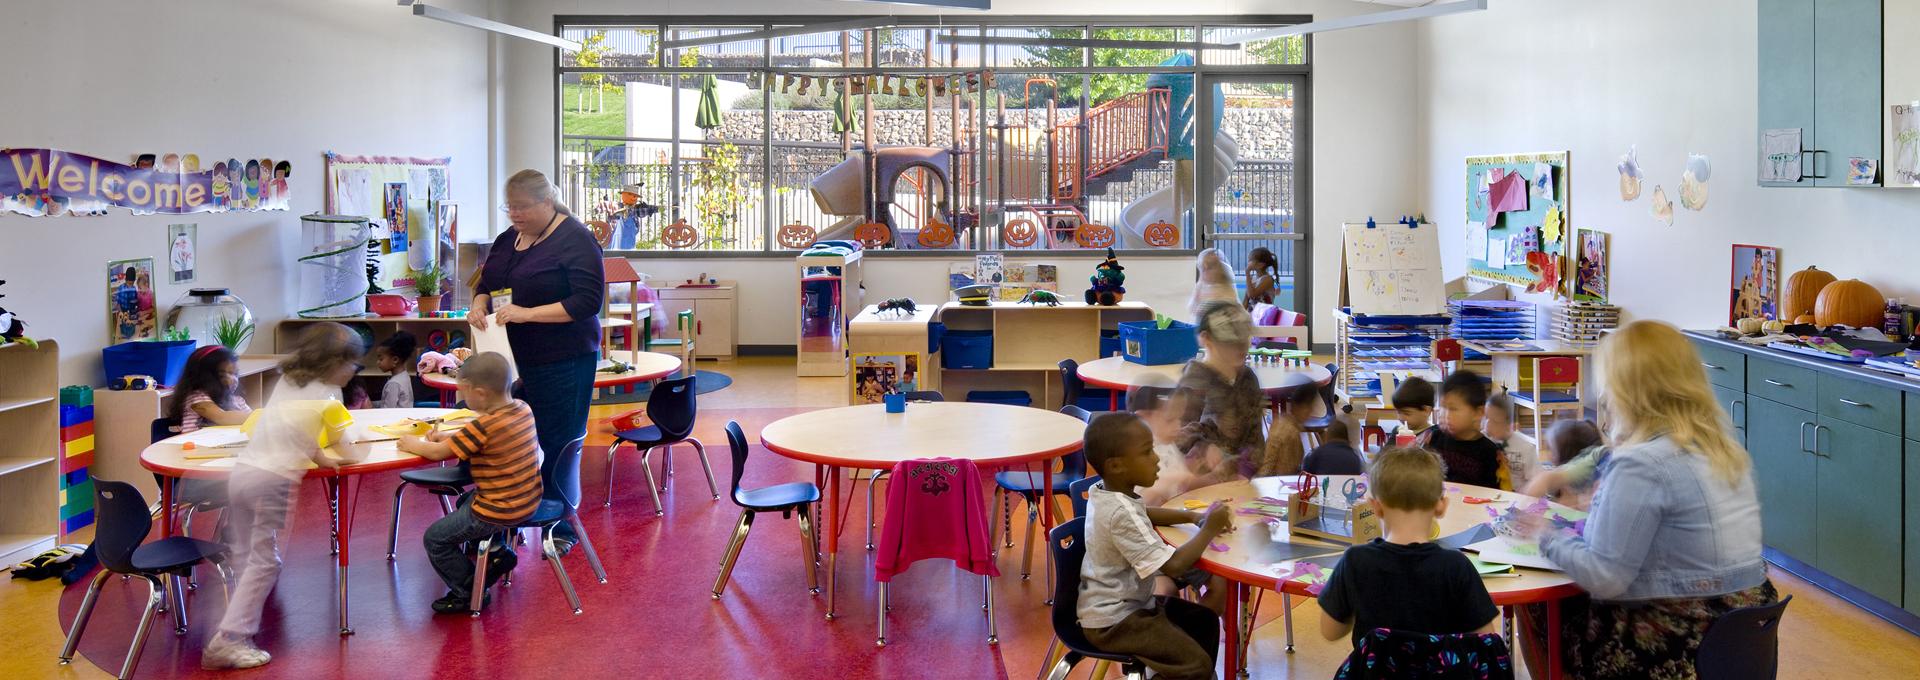 preschoolrooma 002